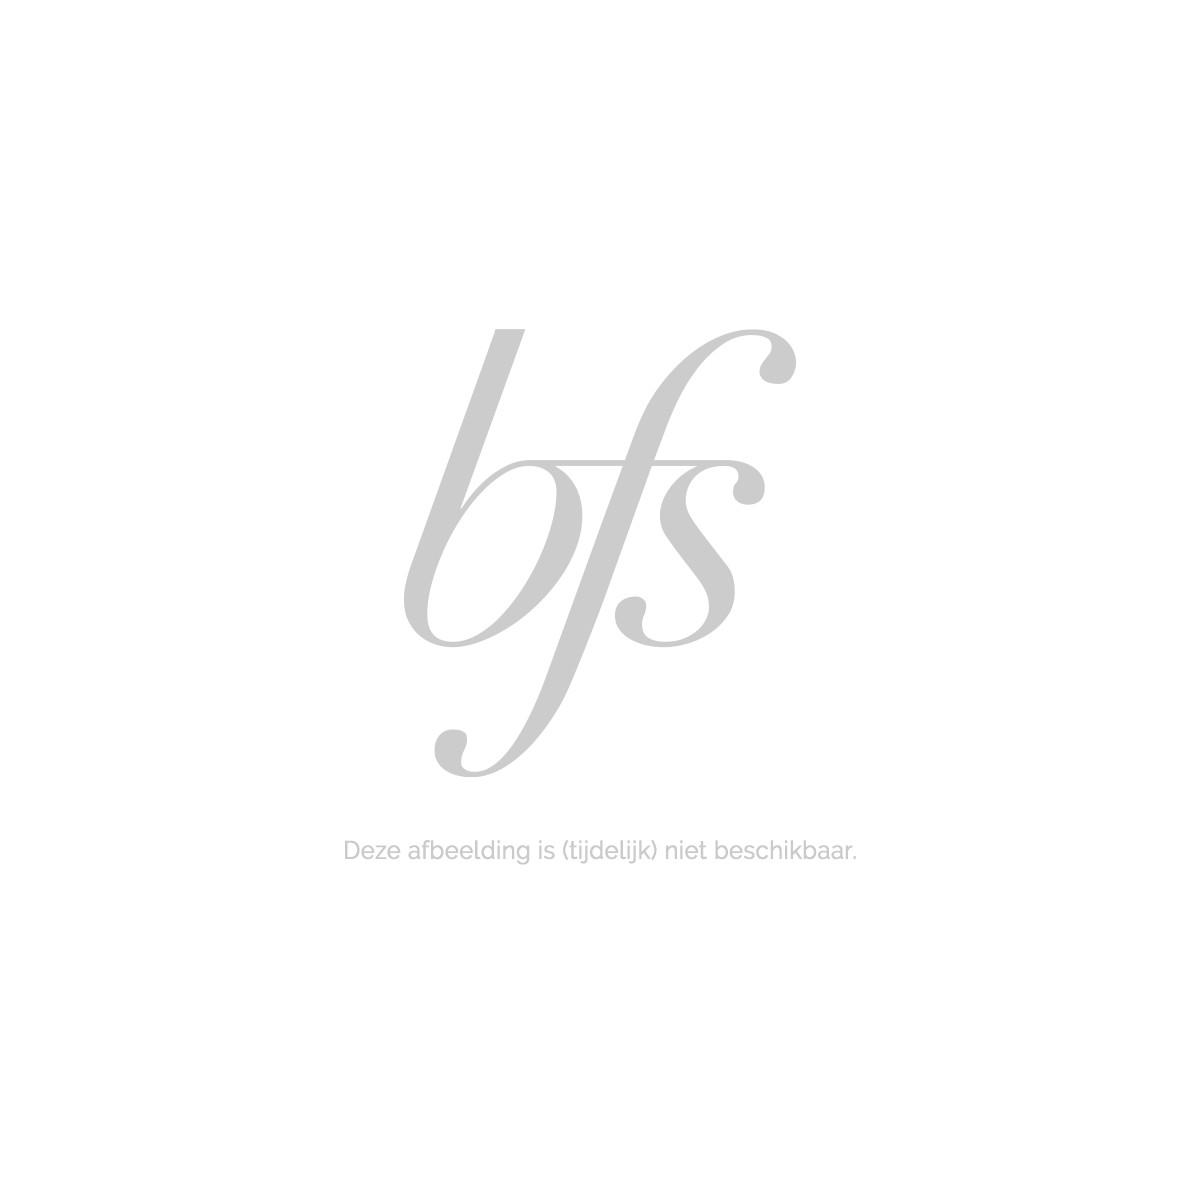 d g light blue eau intense pour homme eau de parfum 50 ml g nstig hautpflege kaufen. Black Bedroom Furniture Sets. Home Design Ideas